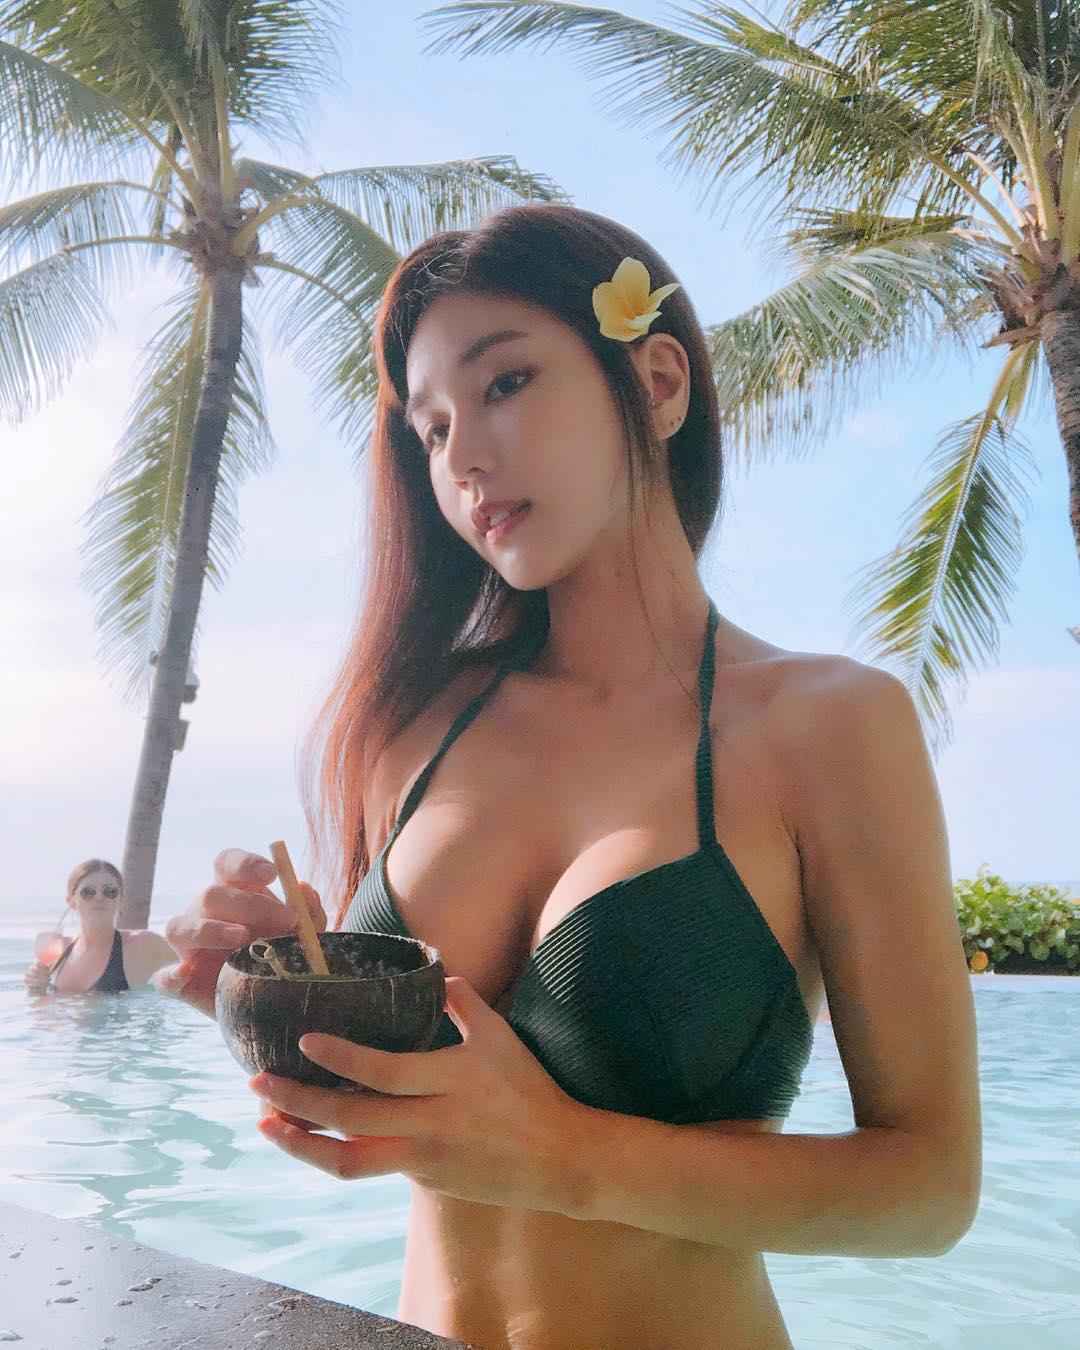 nữ dj xinh đẹp - siena dưới hồ bơi